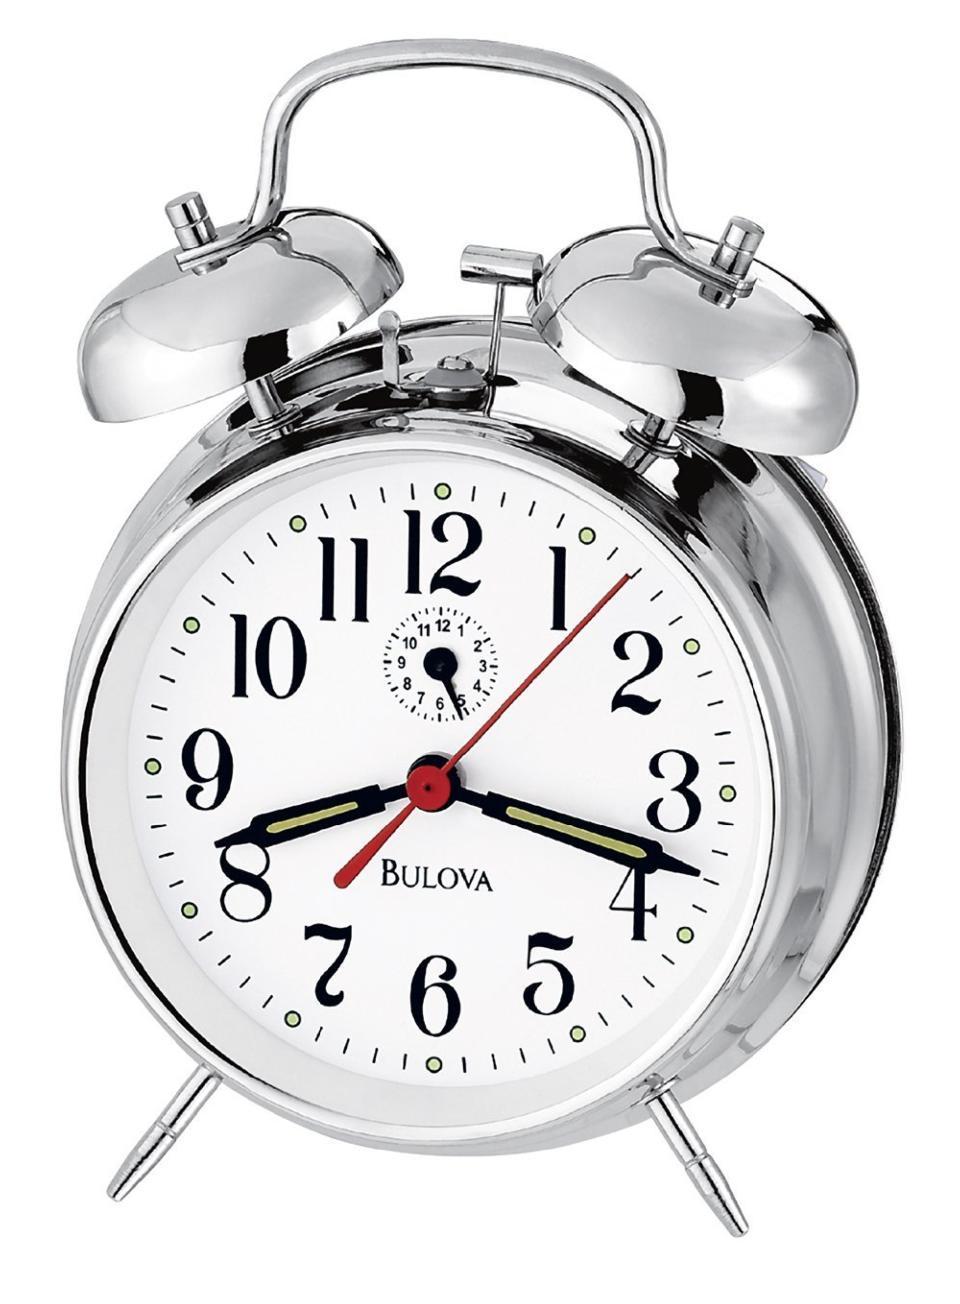 /details.cfm/Bulova_Clocks?&pattern=-1&sort=pattern_a&prodid=37419